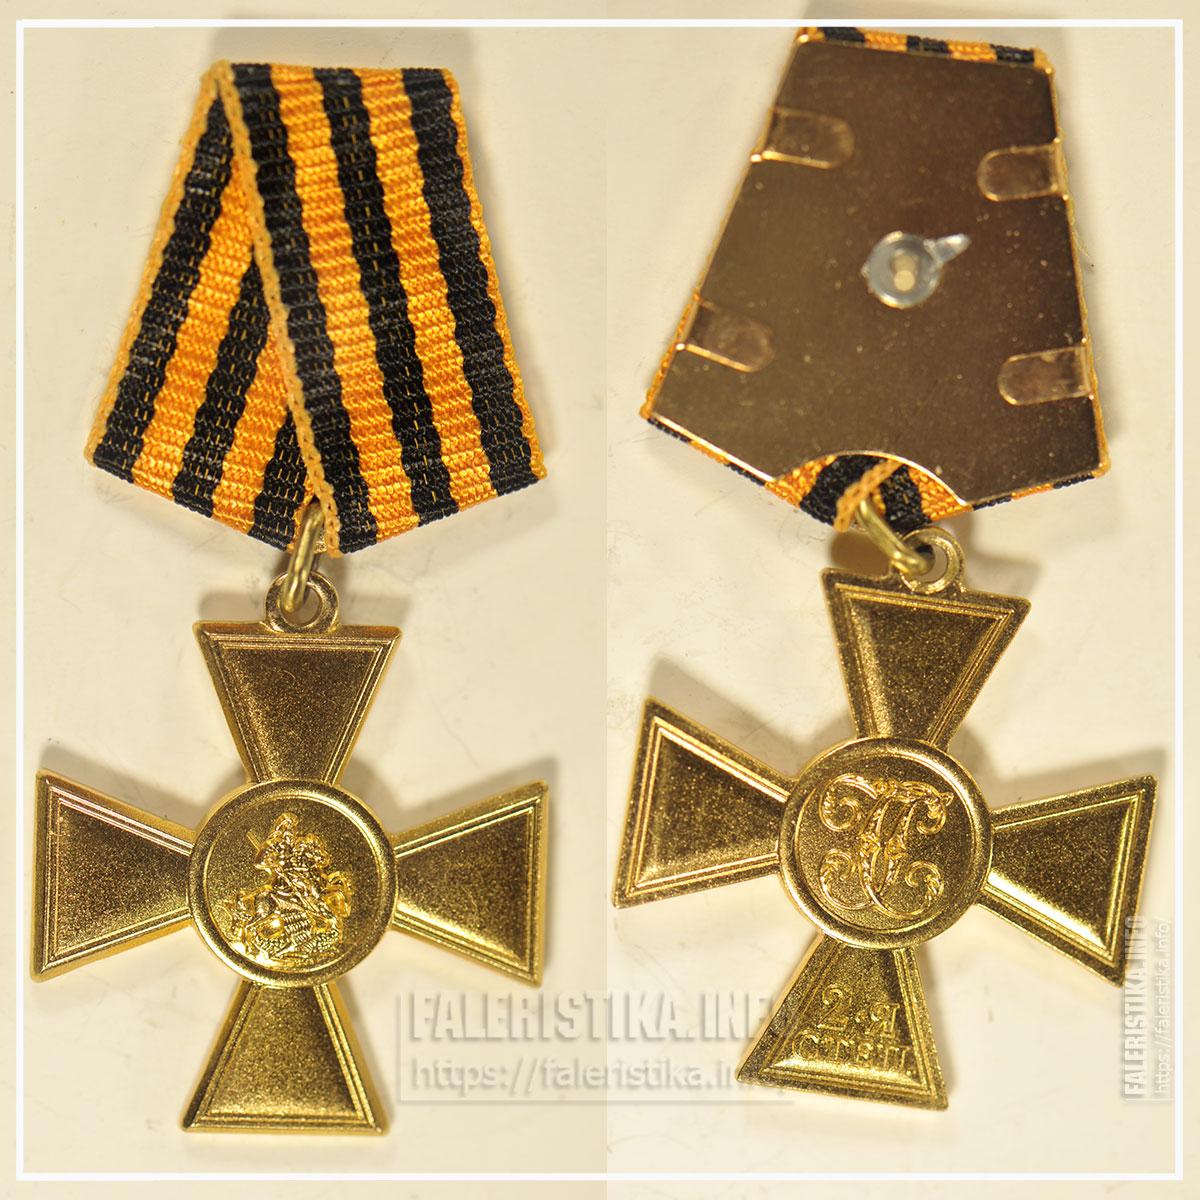 Знак отличия — Георгиевский крест II степени. Миниатюрная копия знака (фрачник)